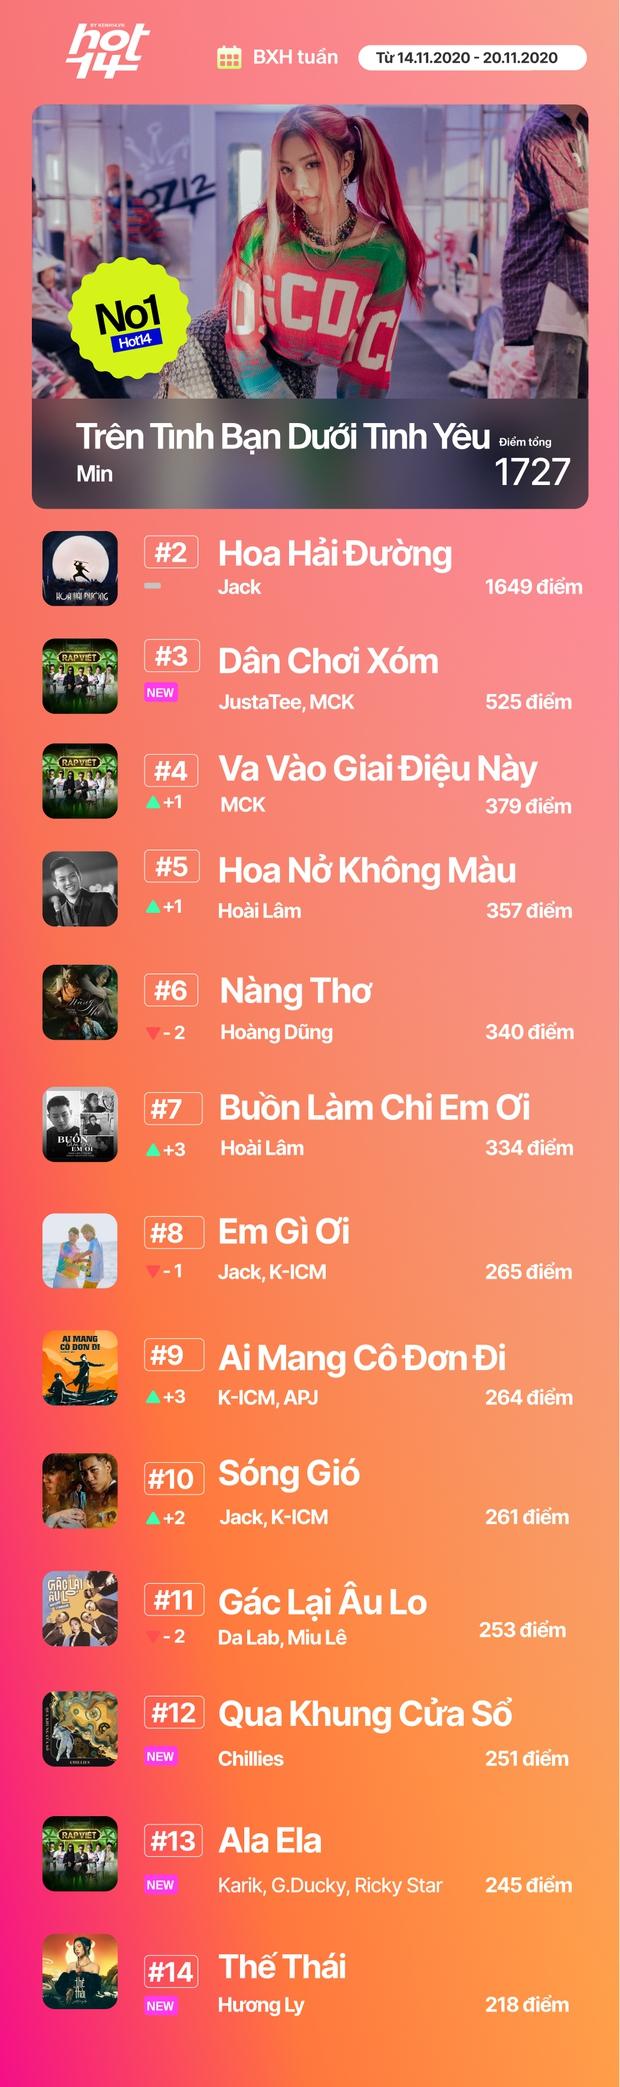 Min tiếp tục giữ vững No.1 trước Jack, MCK và JustaTee debut quá đỉnh nhưng không bất ngờ bằng Hương Ly tại BXH HOT14 tuần này - Ảnh 31.